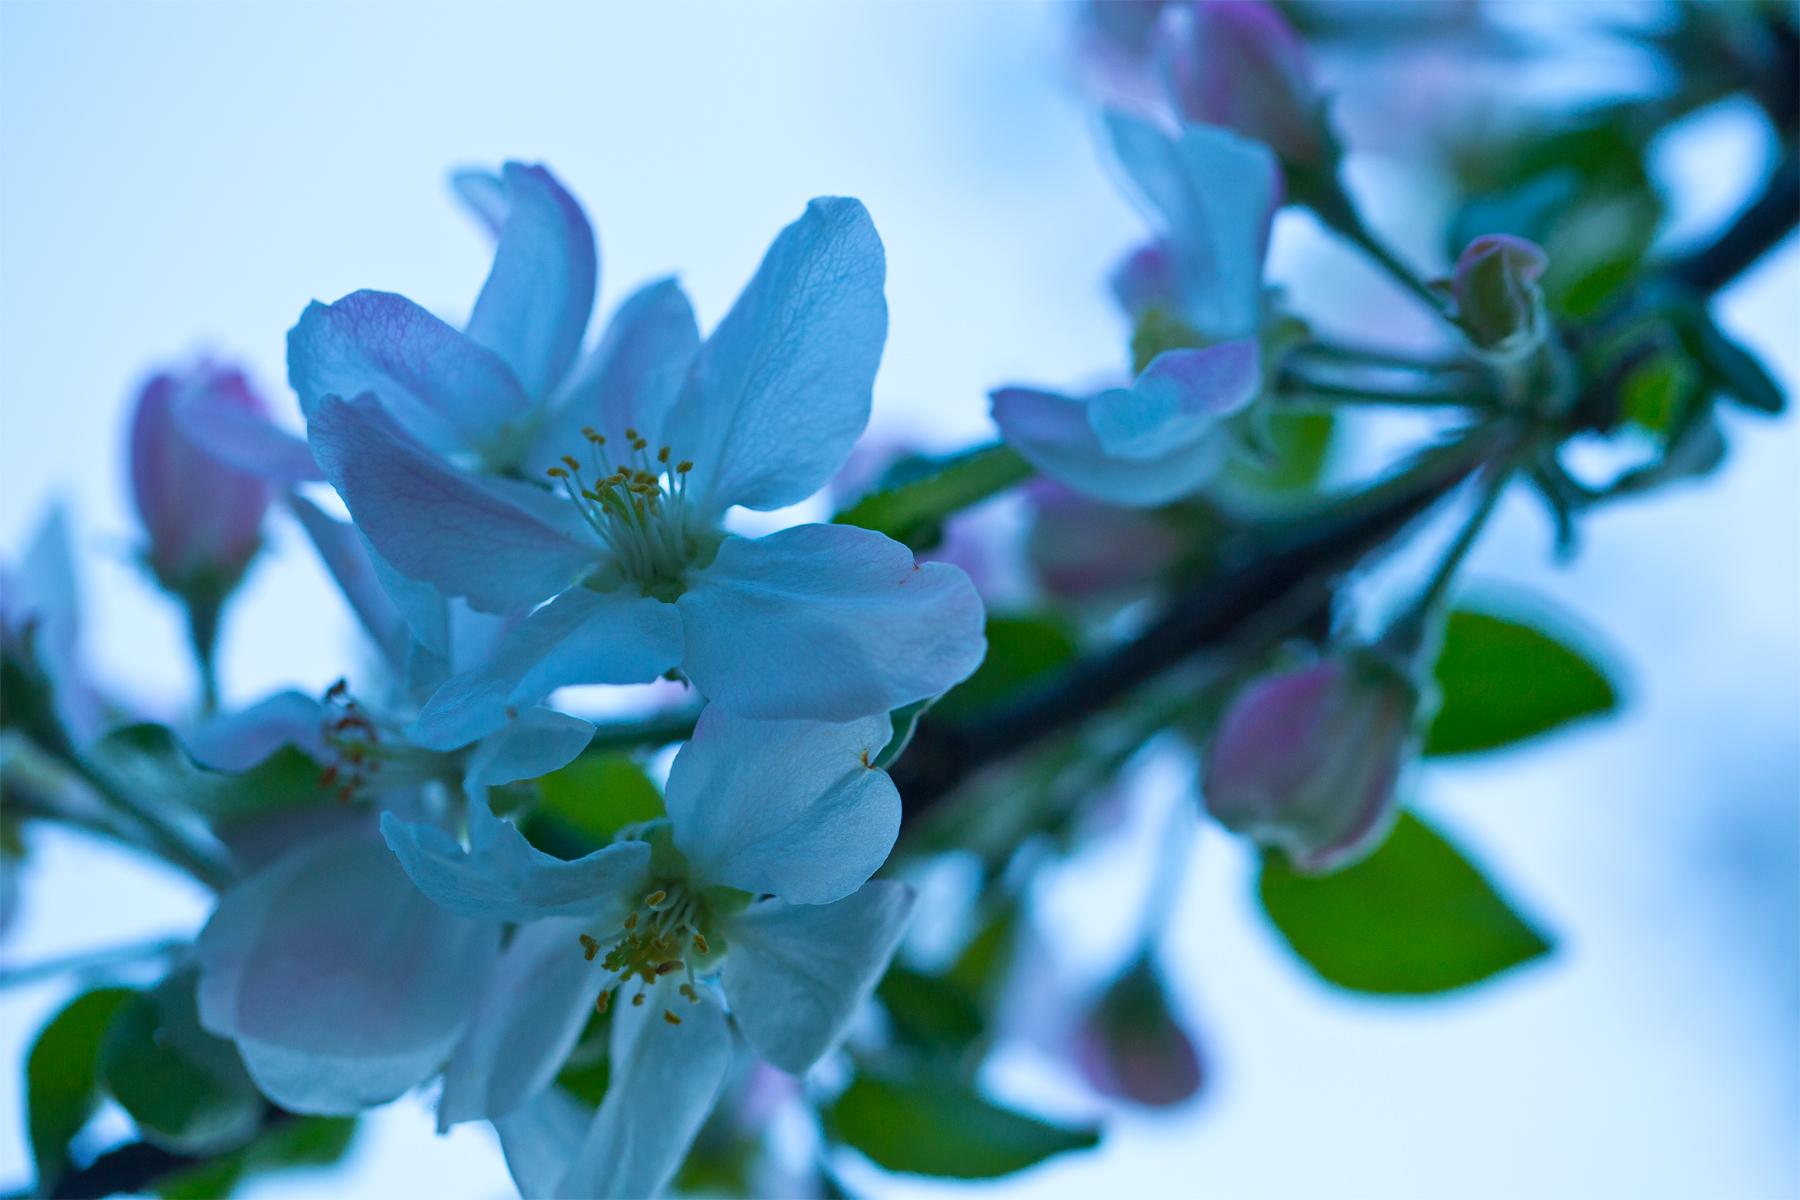 geöffnete Apfelblüte